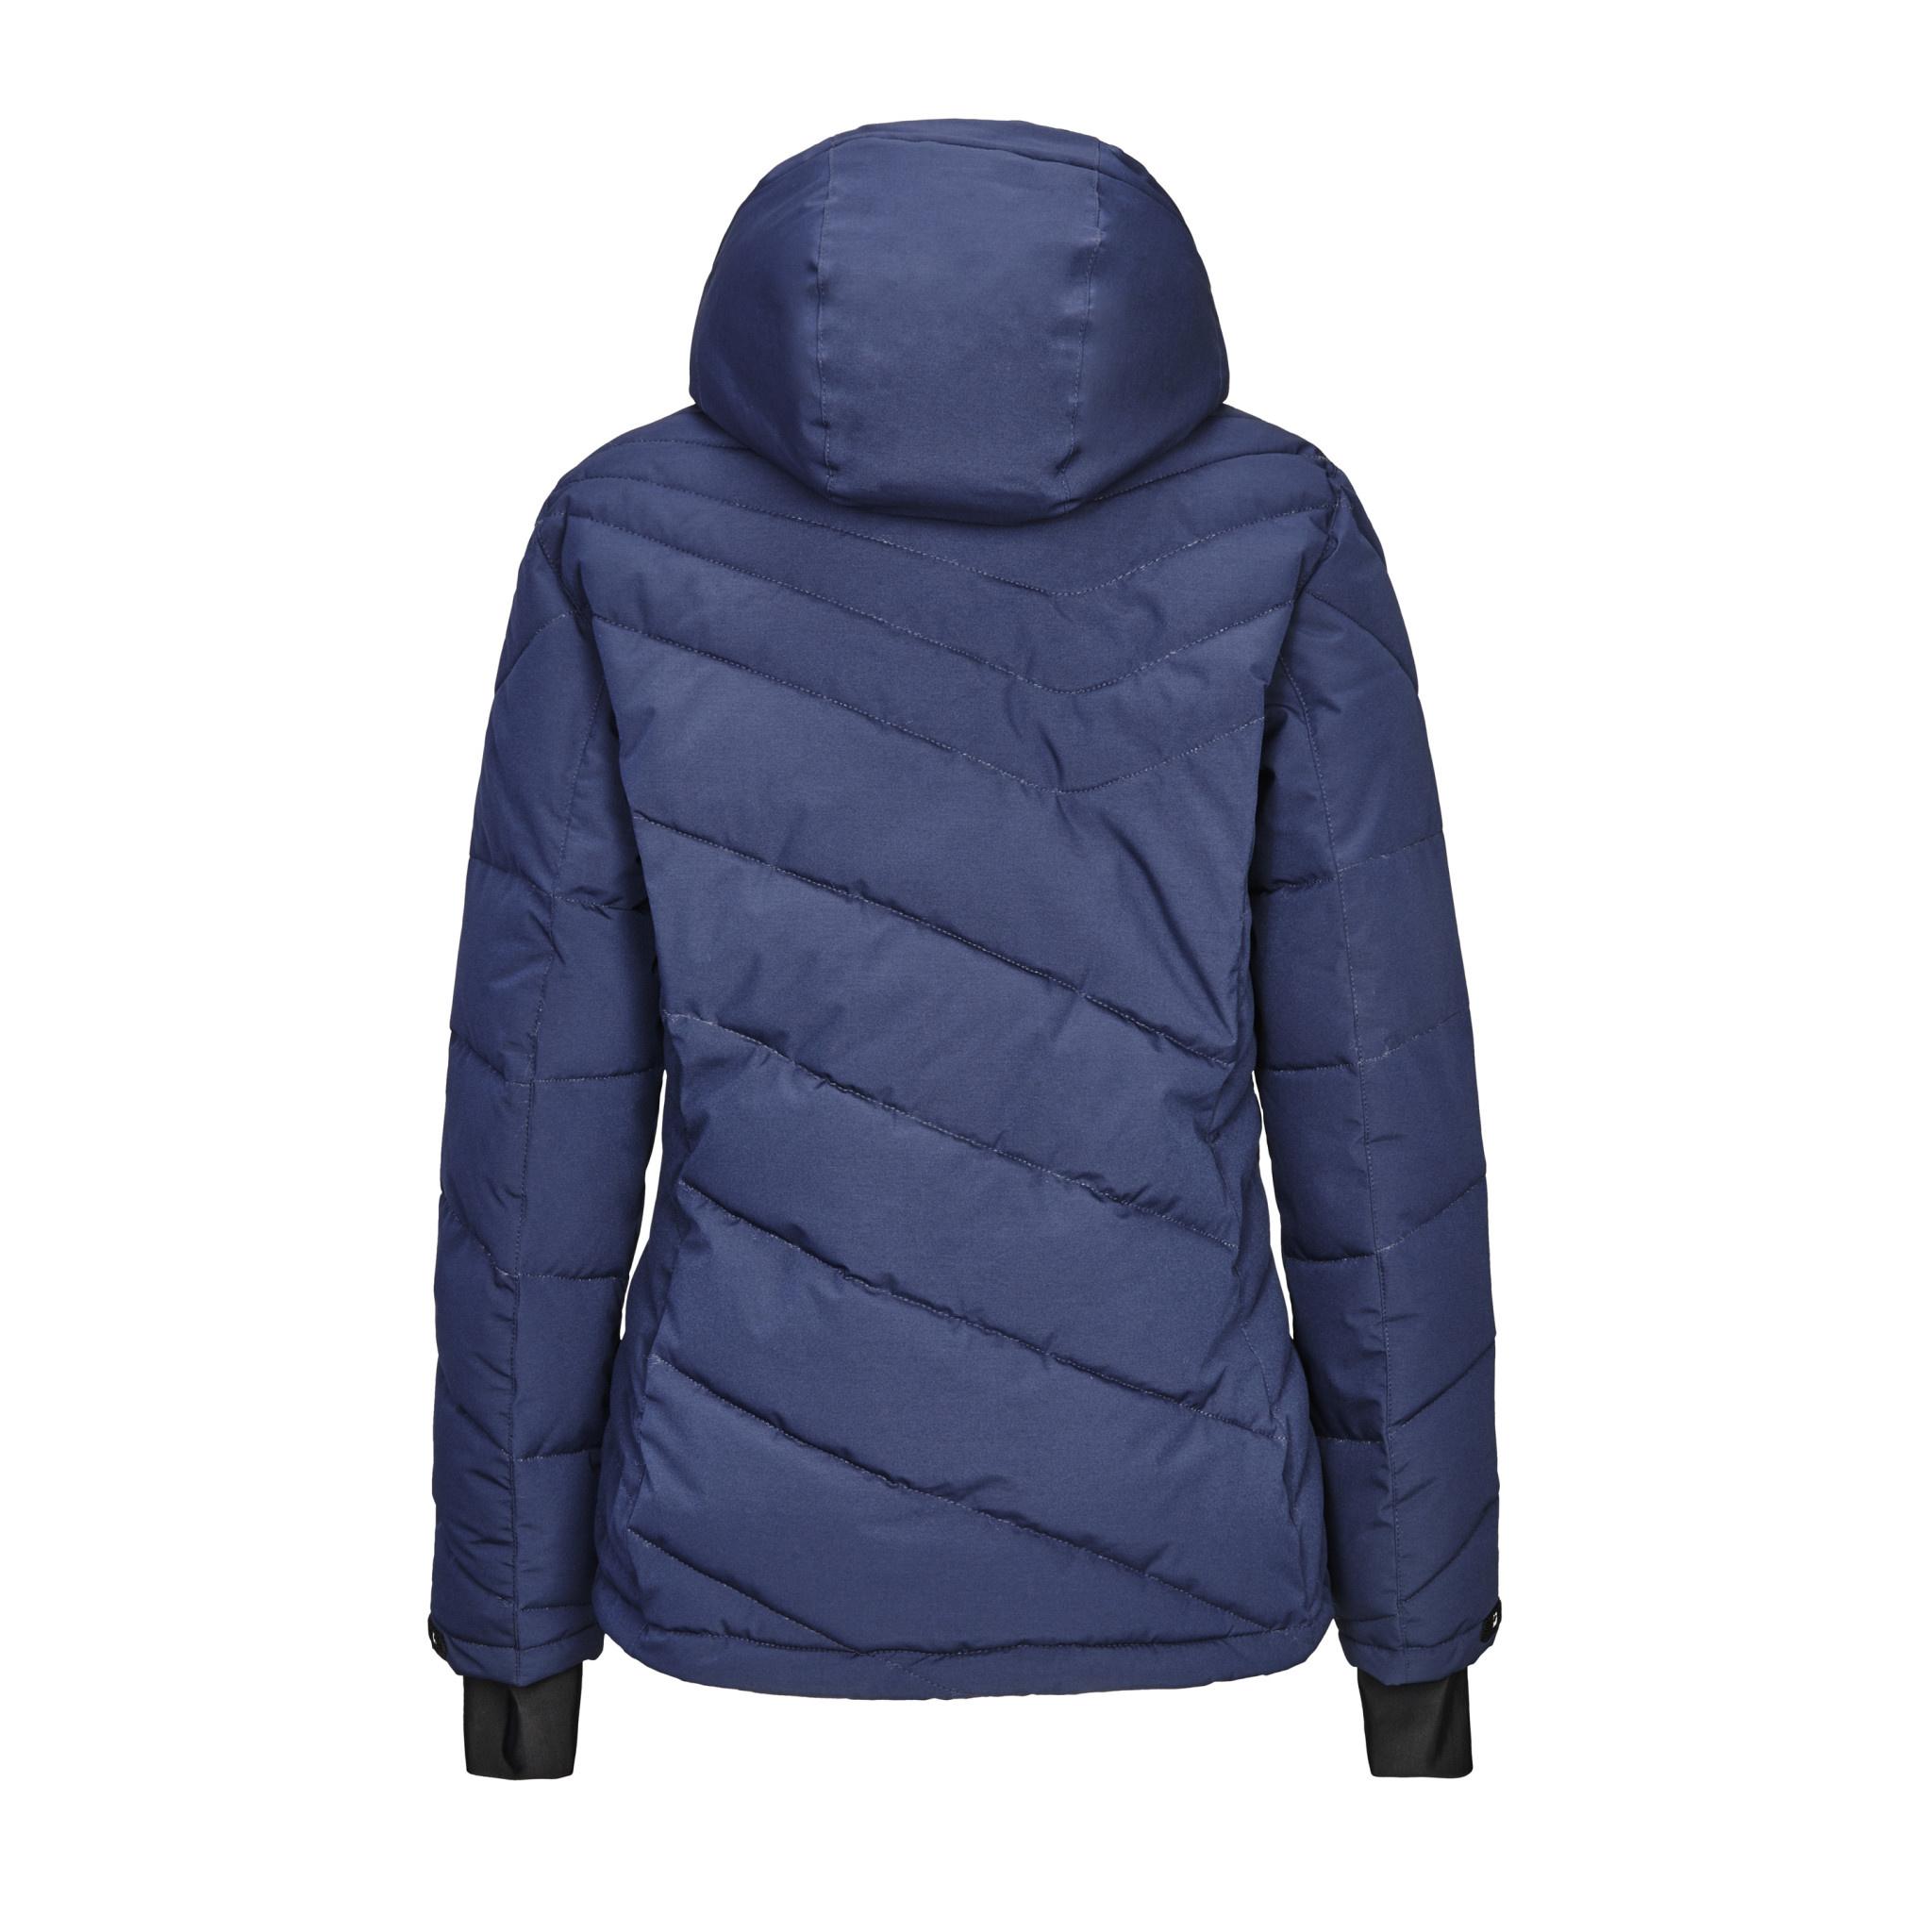 Killtec Ladies Ocisa Jacket